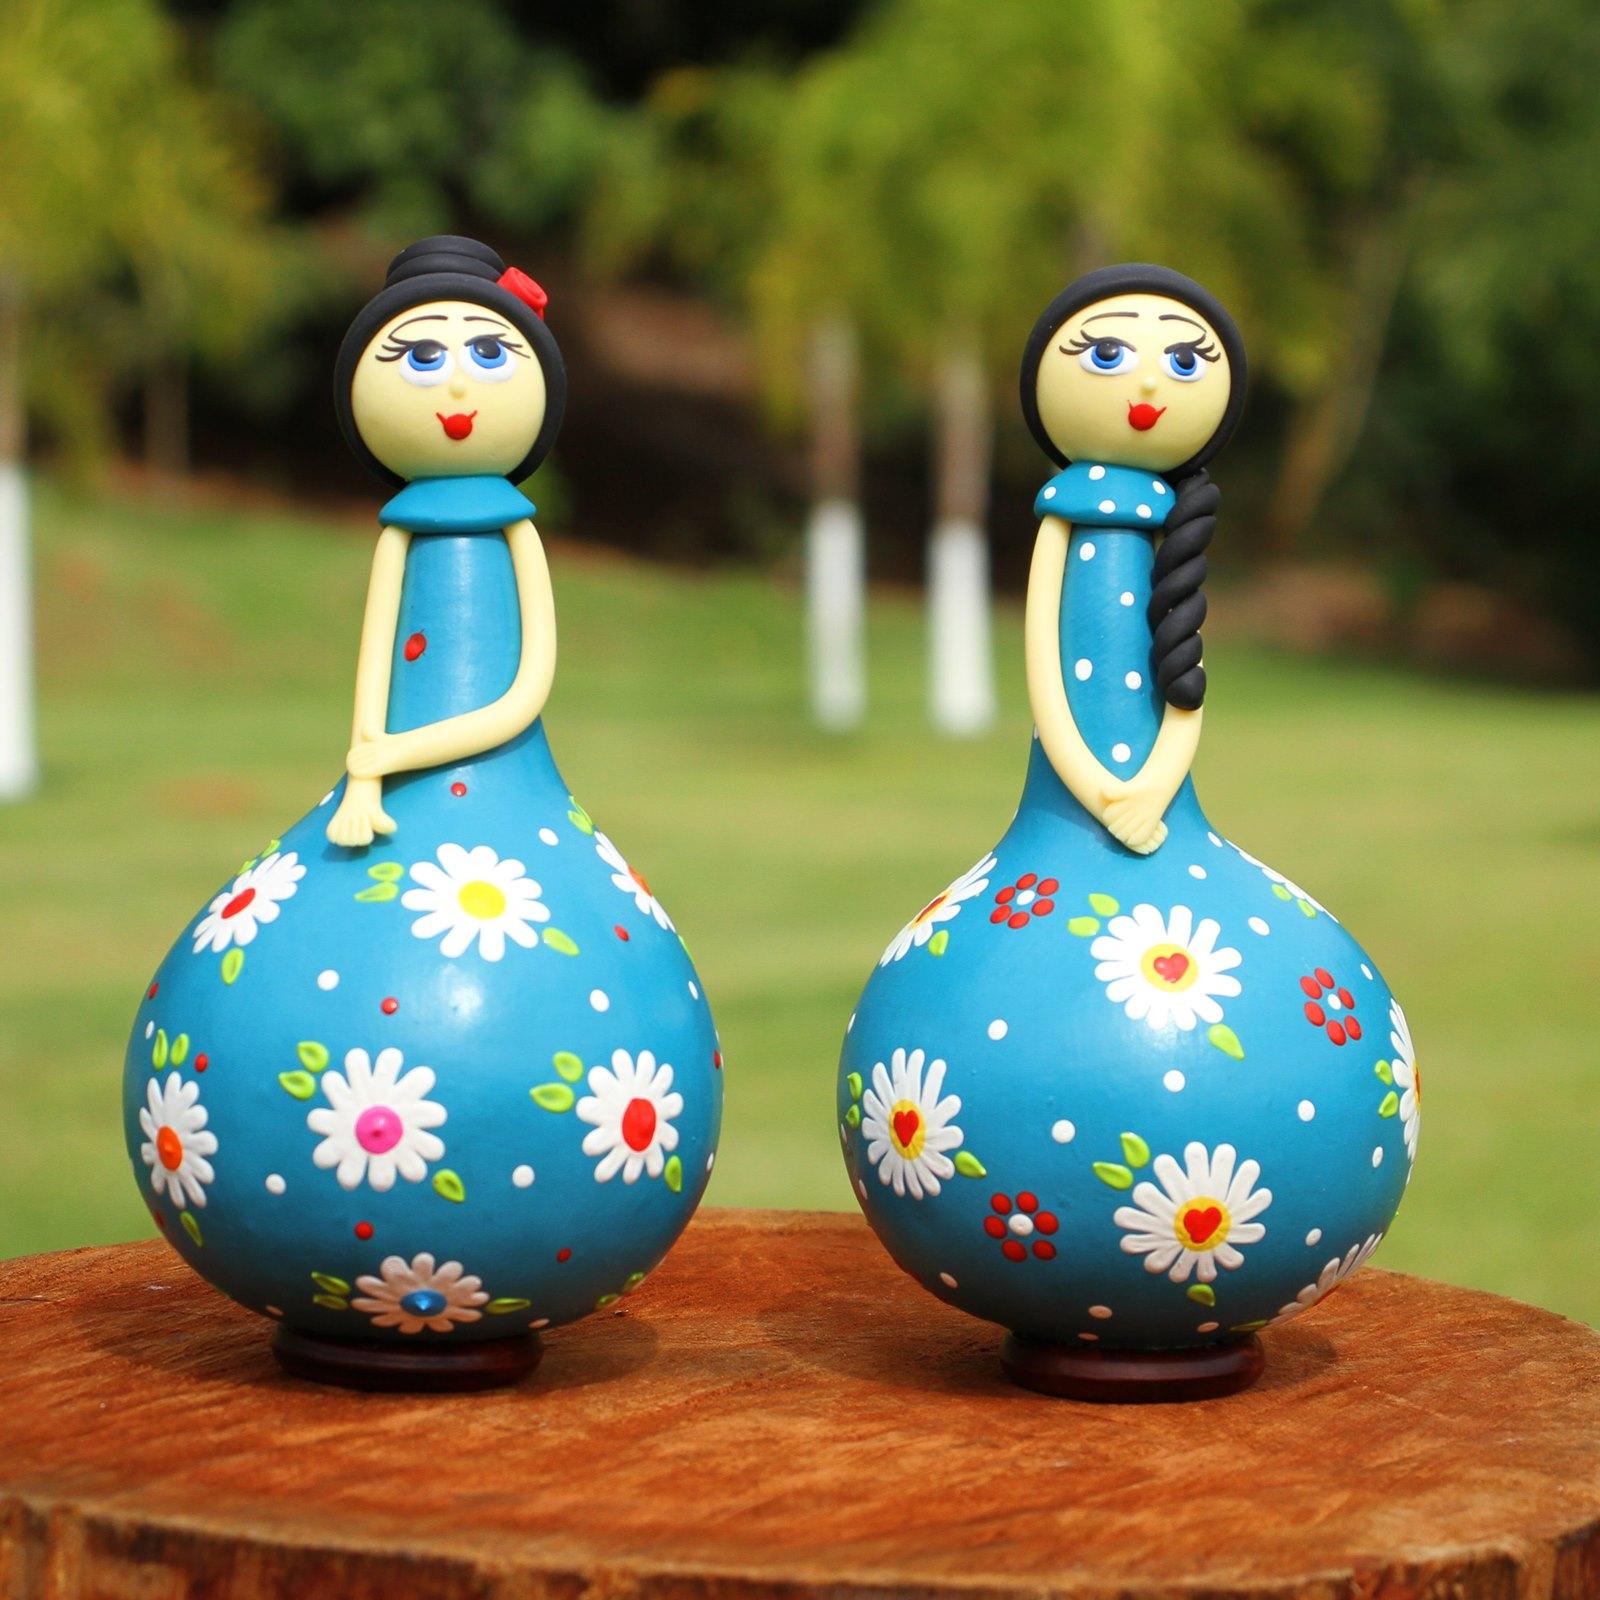 Conjunto Bonecas Delicadas em Cabaça - Azul